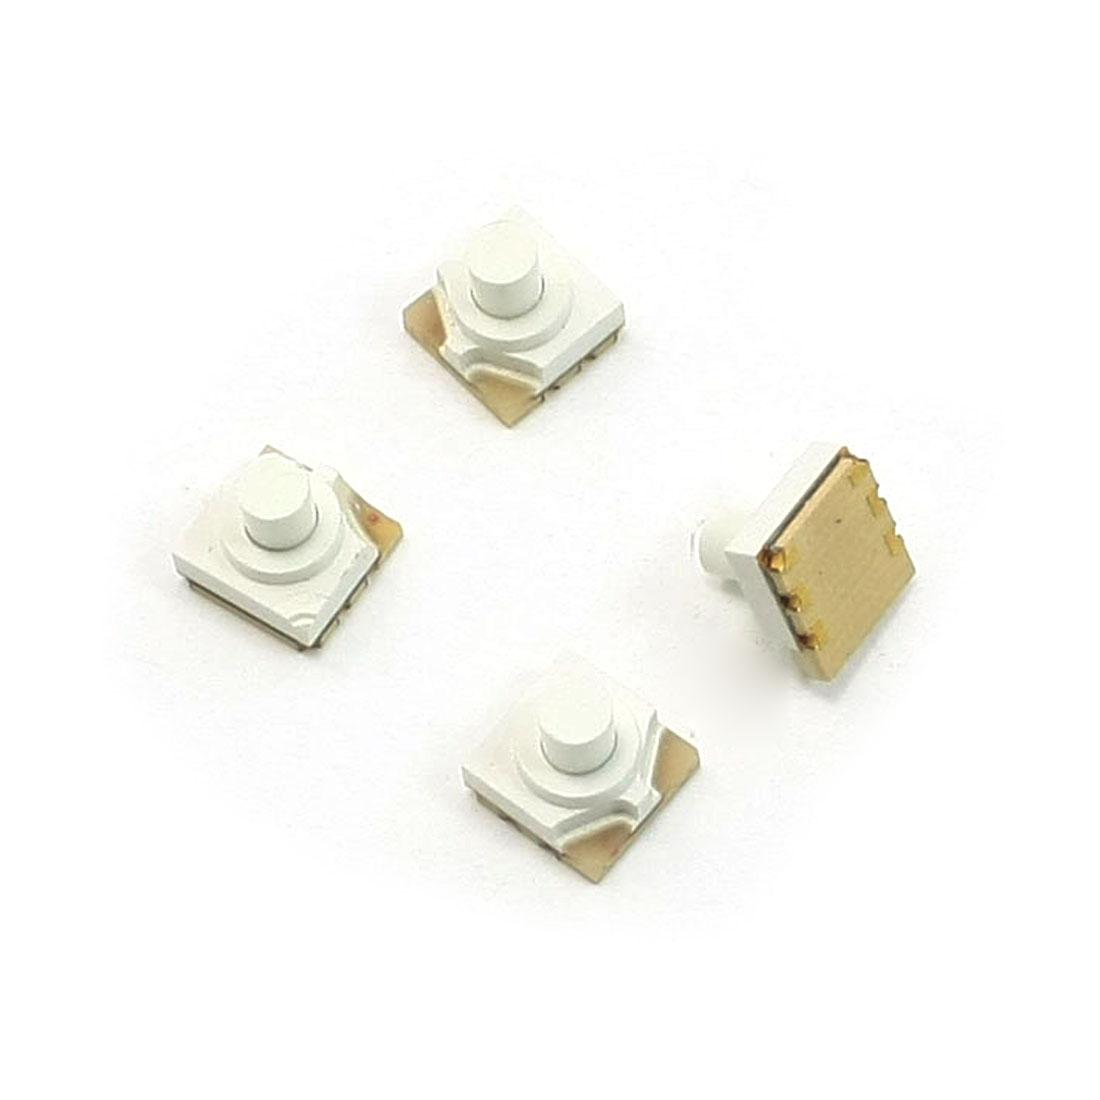 DC 12V 0.2A 5.2x5.2x5mm 6P SPST Momentary SMD SMT Tactile Switch w LED 4 Pcs